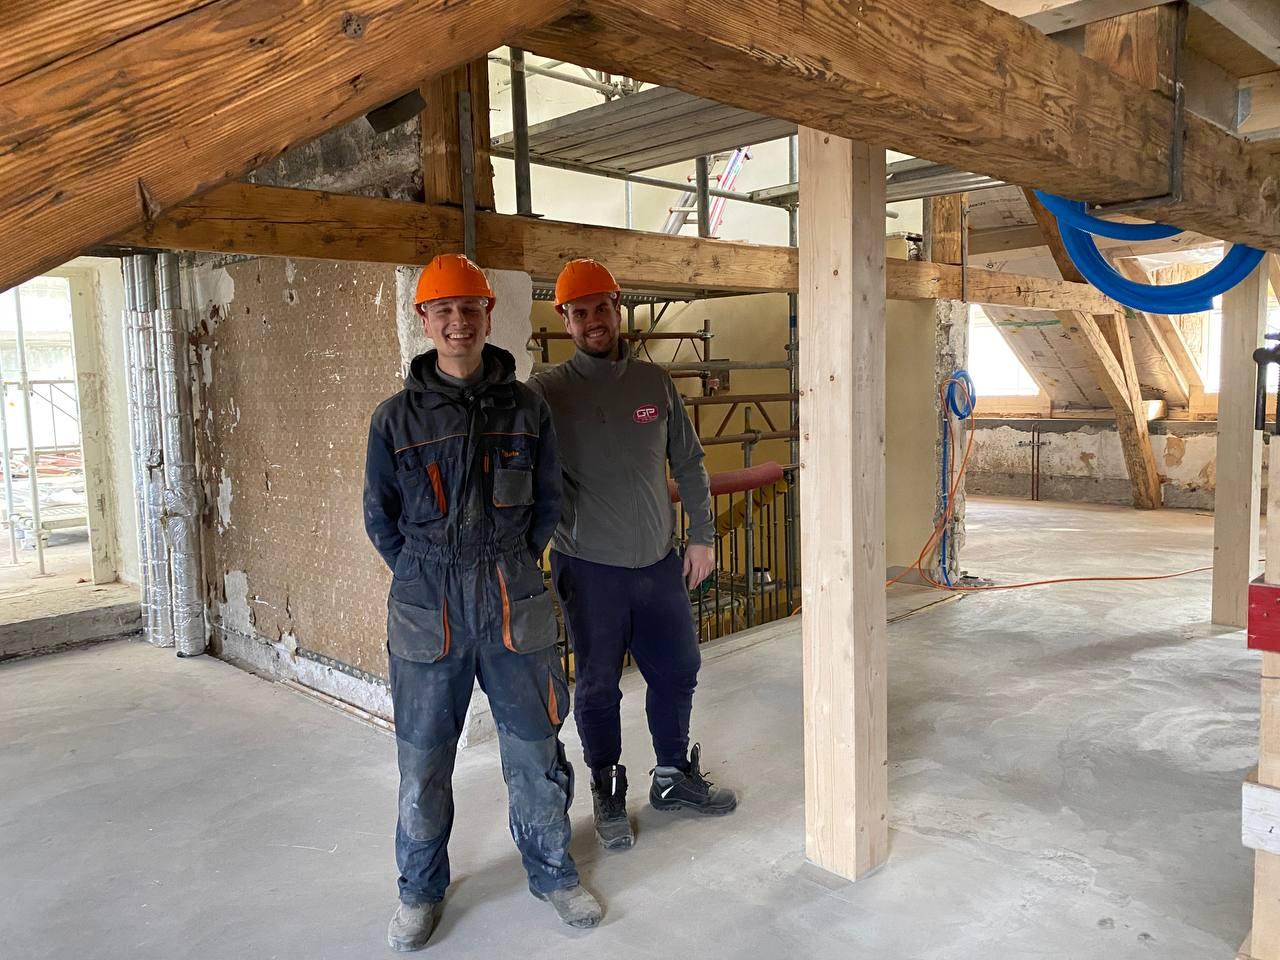 Marvin le fils et Johann notre collaborateur qui ont œuvré sur ce chantier